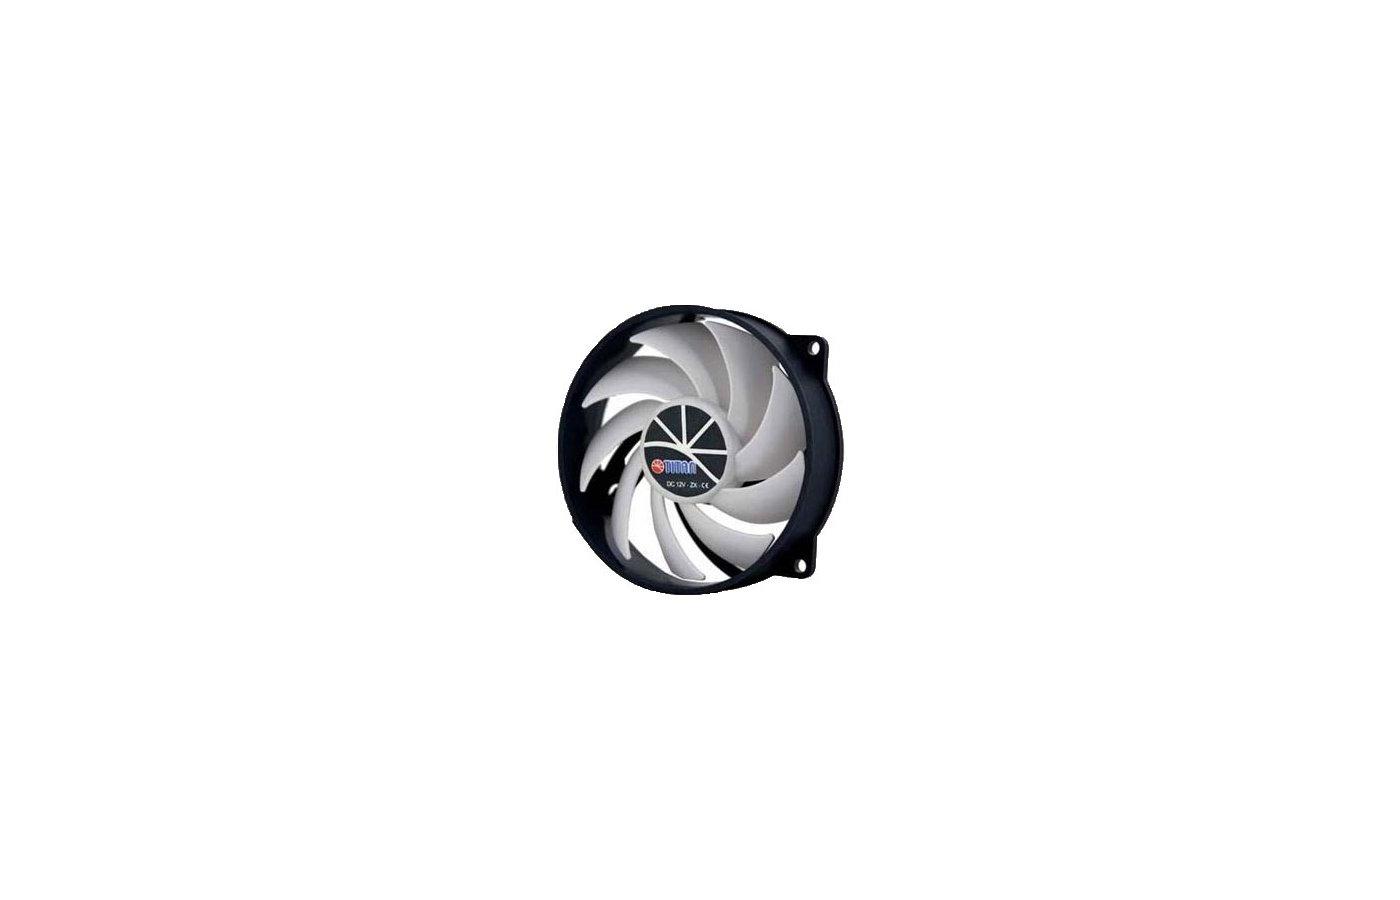 Охлаждение Titan TFD-9525H12ZP/KU(RB) 80x80x25 4pin 10-27dB 900-2600rpm 116g Z-AXIS для корпуса